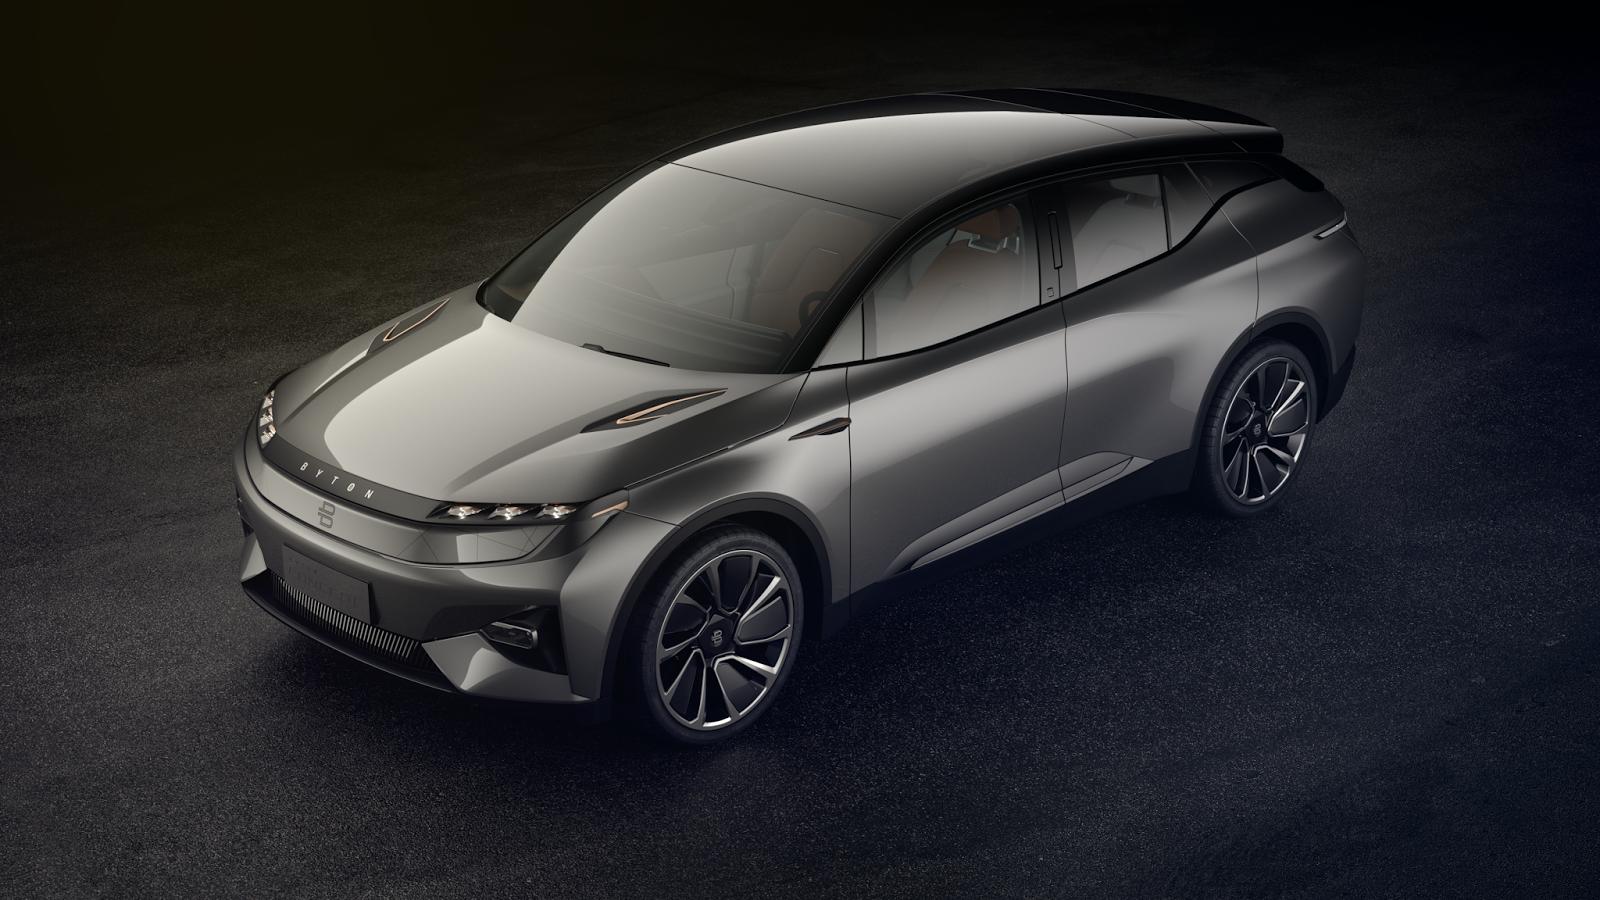 BYTON Ein intelligenter elektrischer SUV feiert Weltpremiere | Elektromobilität Galore